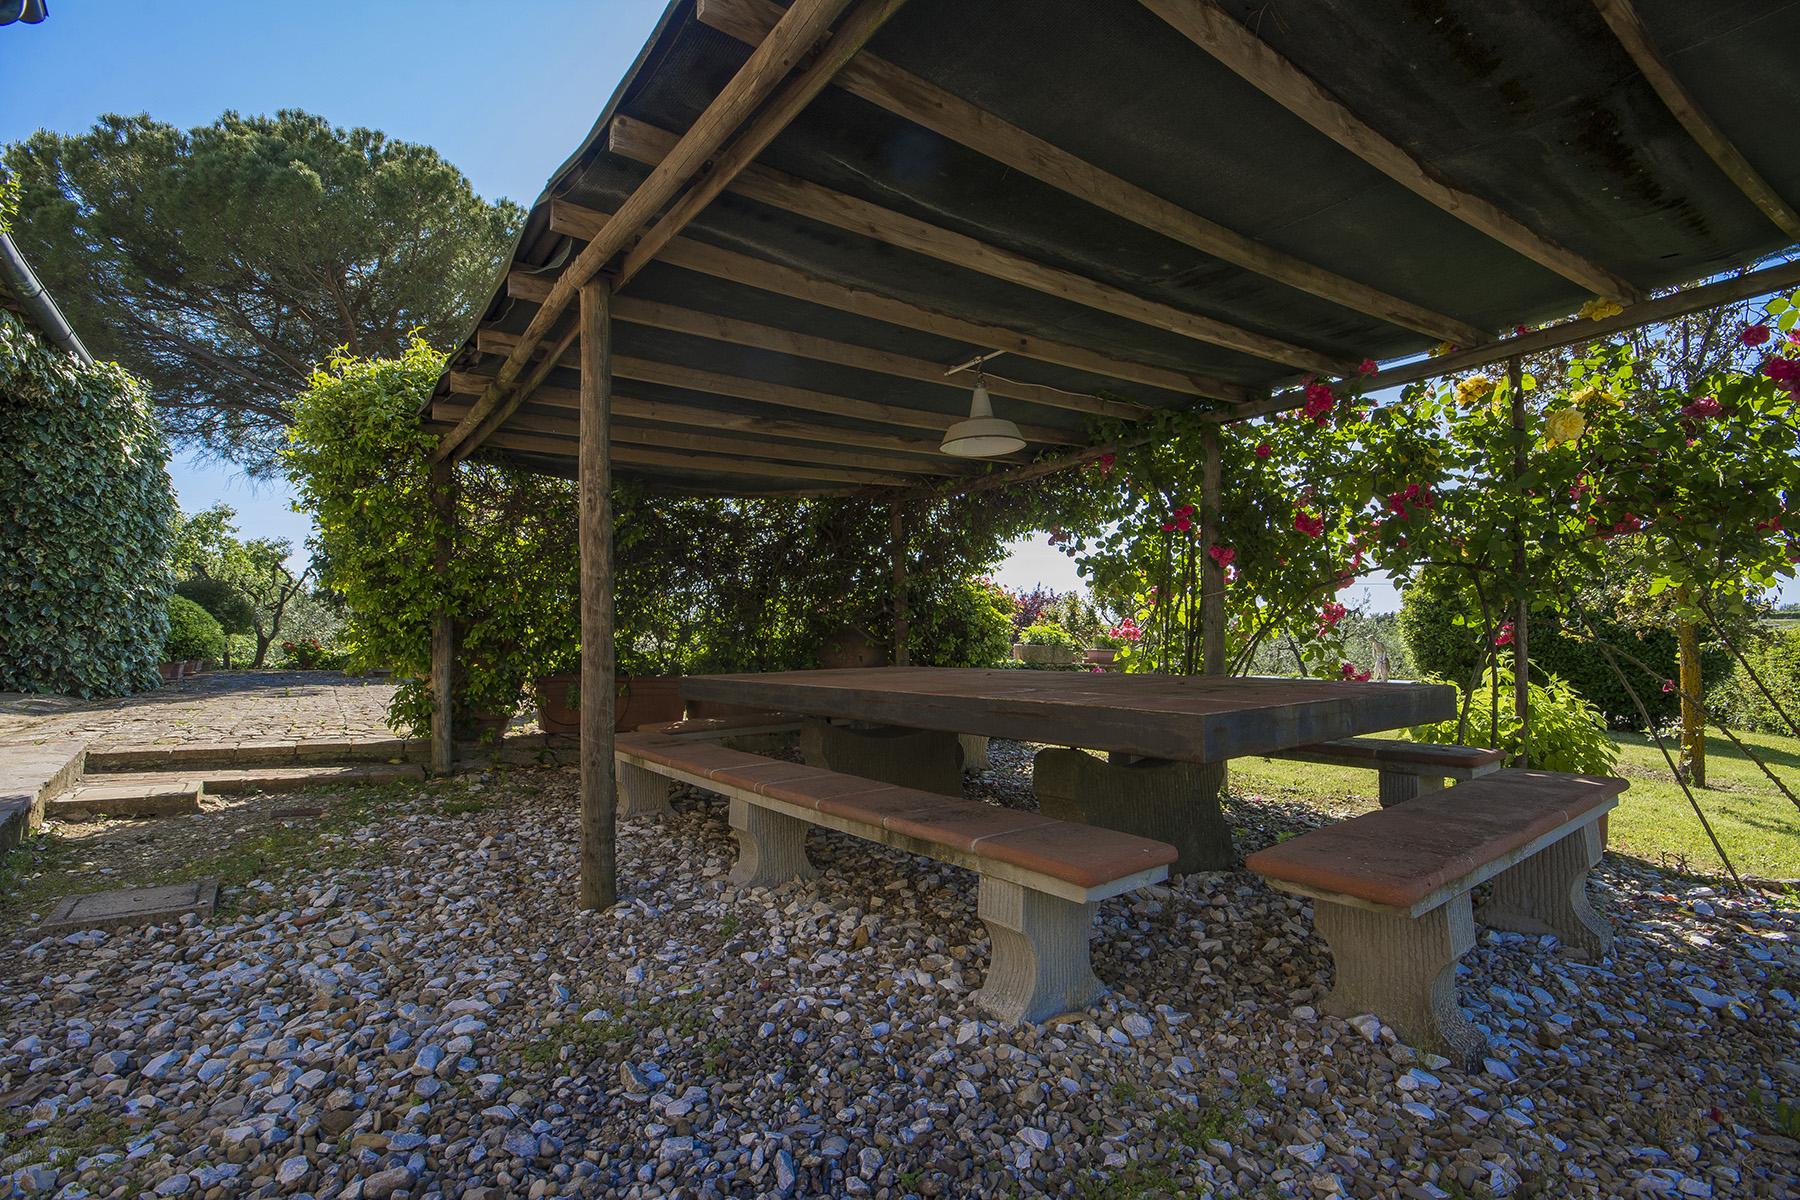 Rustico in Vendita a San Casciano In Val Di Pesa: 5 locali, 750 mq - Foto 6